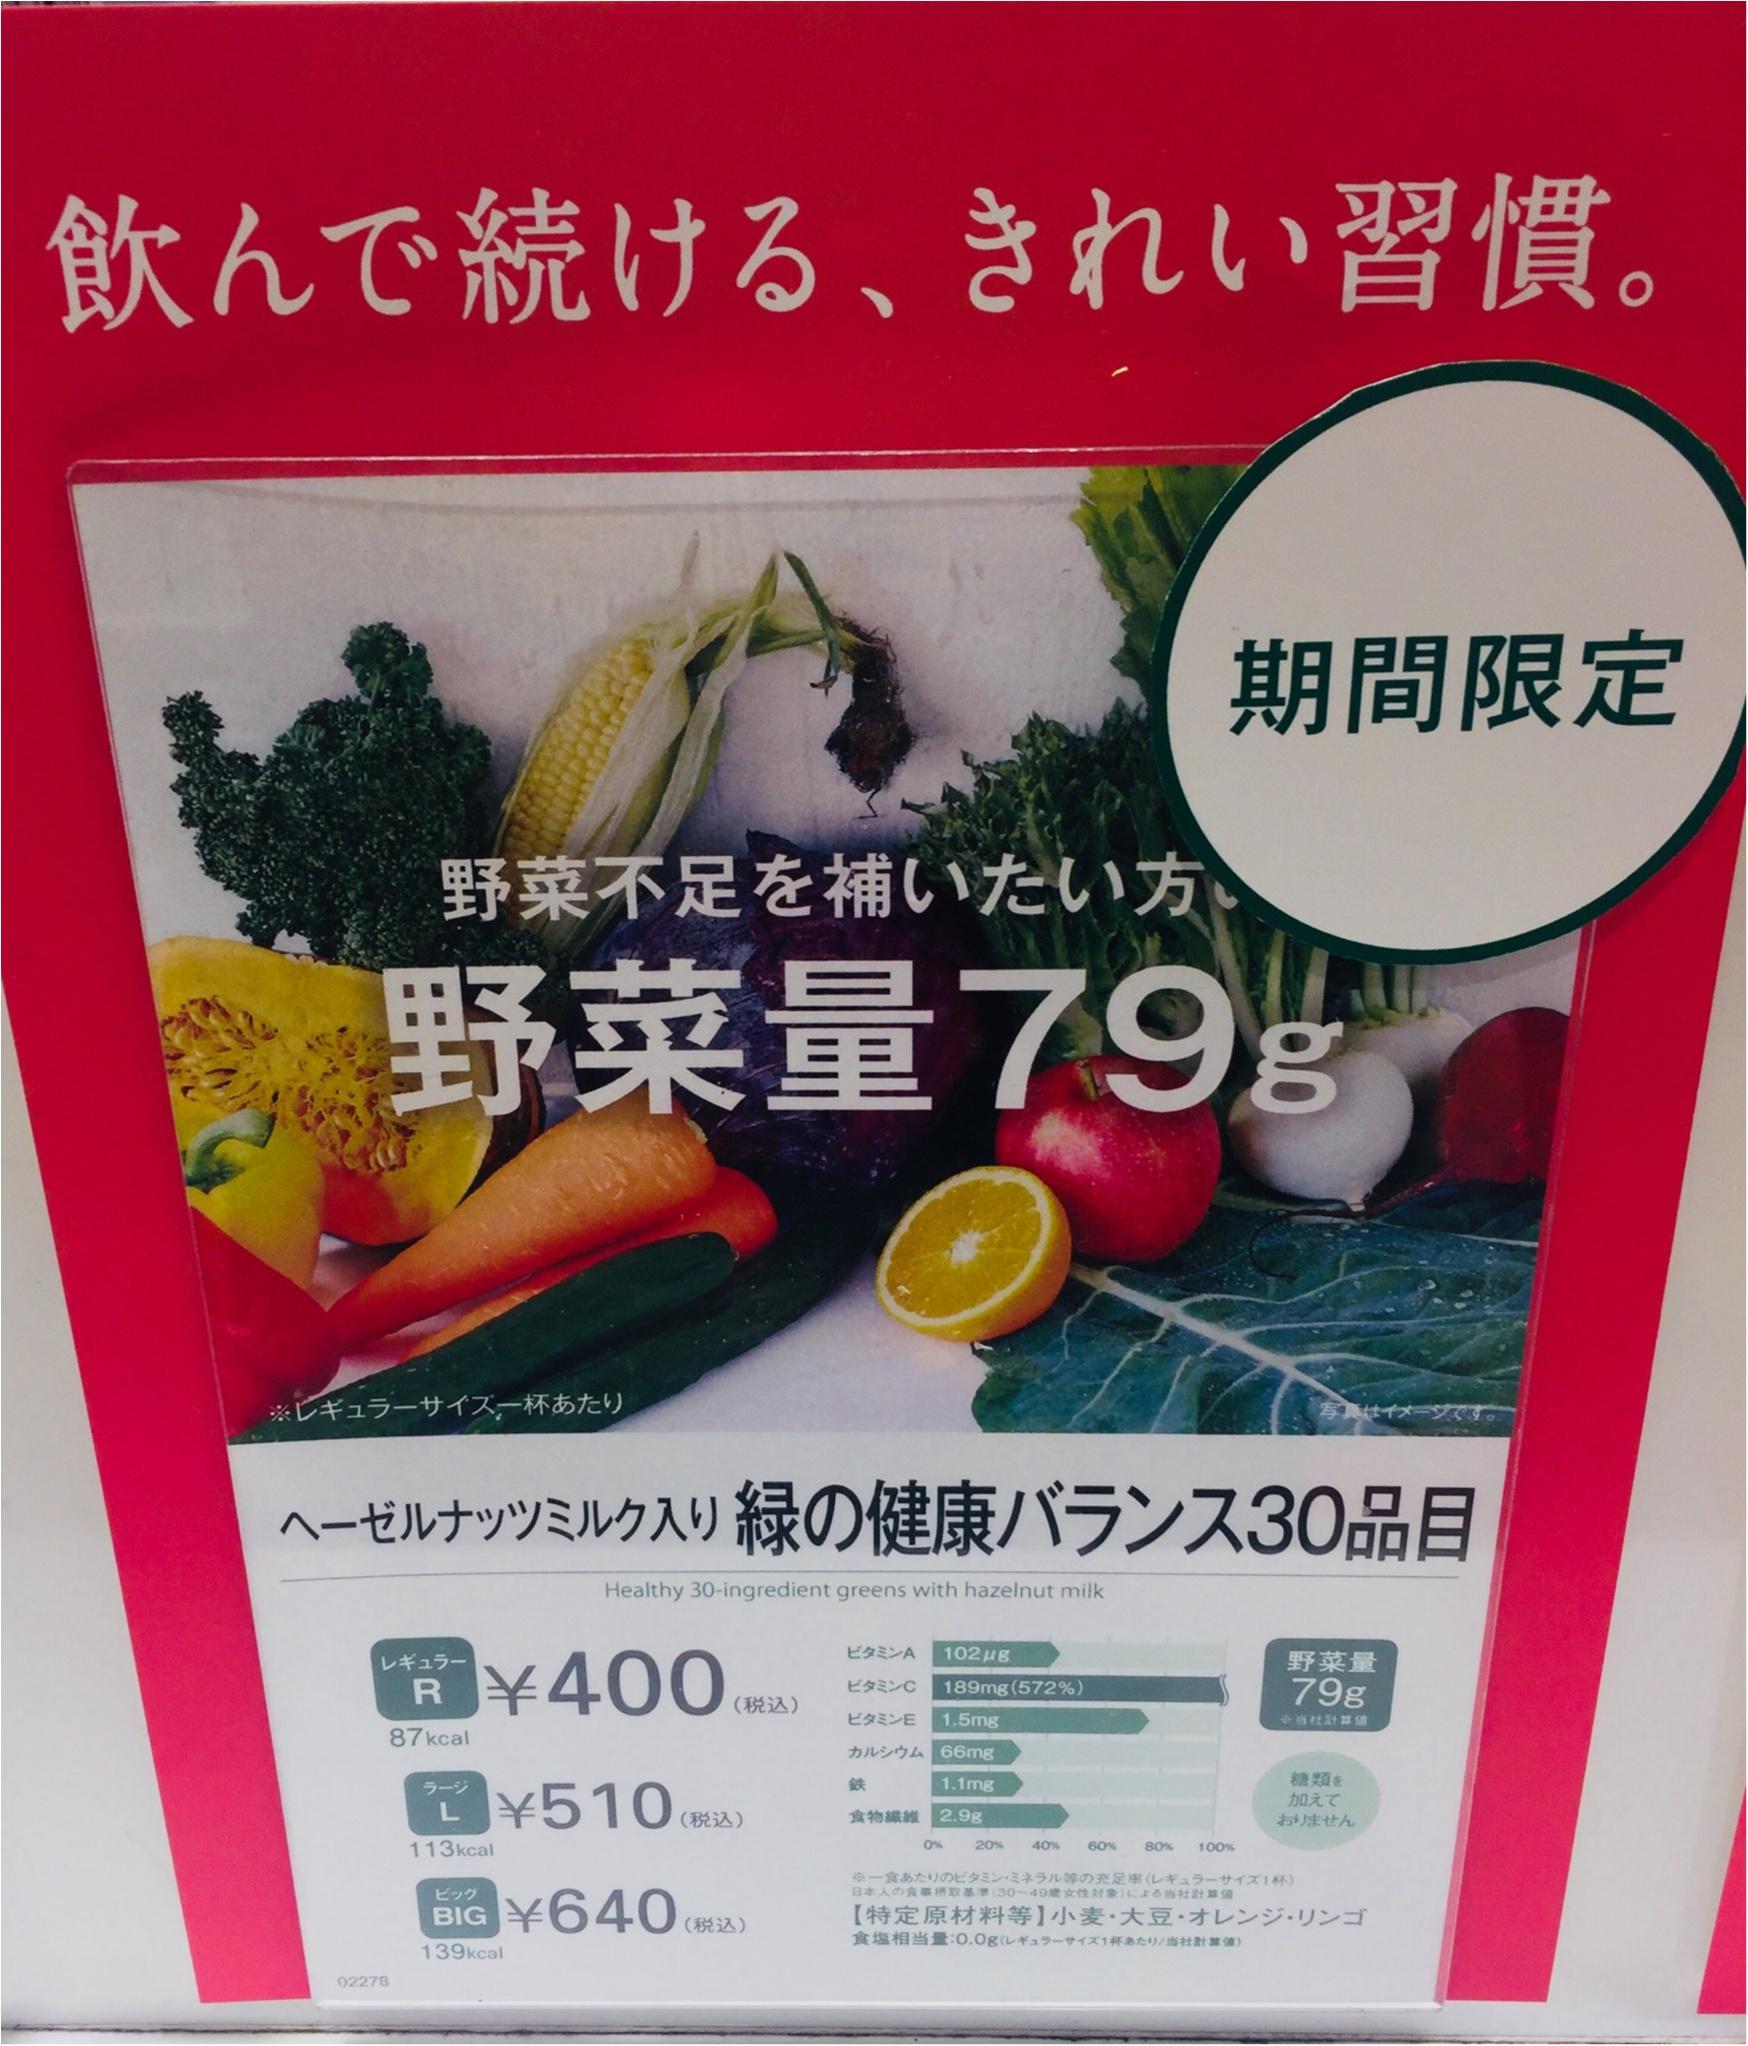 『野菜不足・食事の偏りを感じているあなたへ』品川駅構内で手軽に野菜を摂れるお店があるんです☝︎@VEGETERIA_1